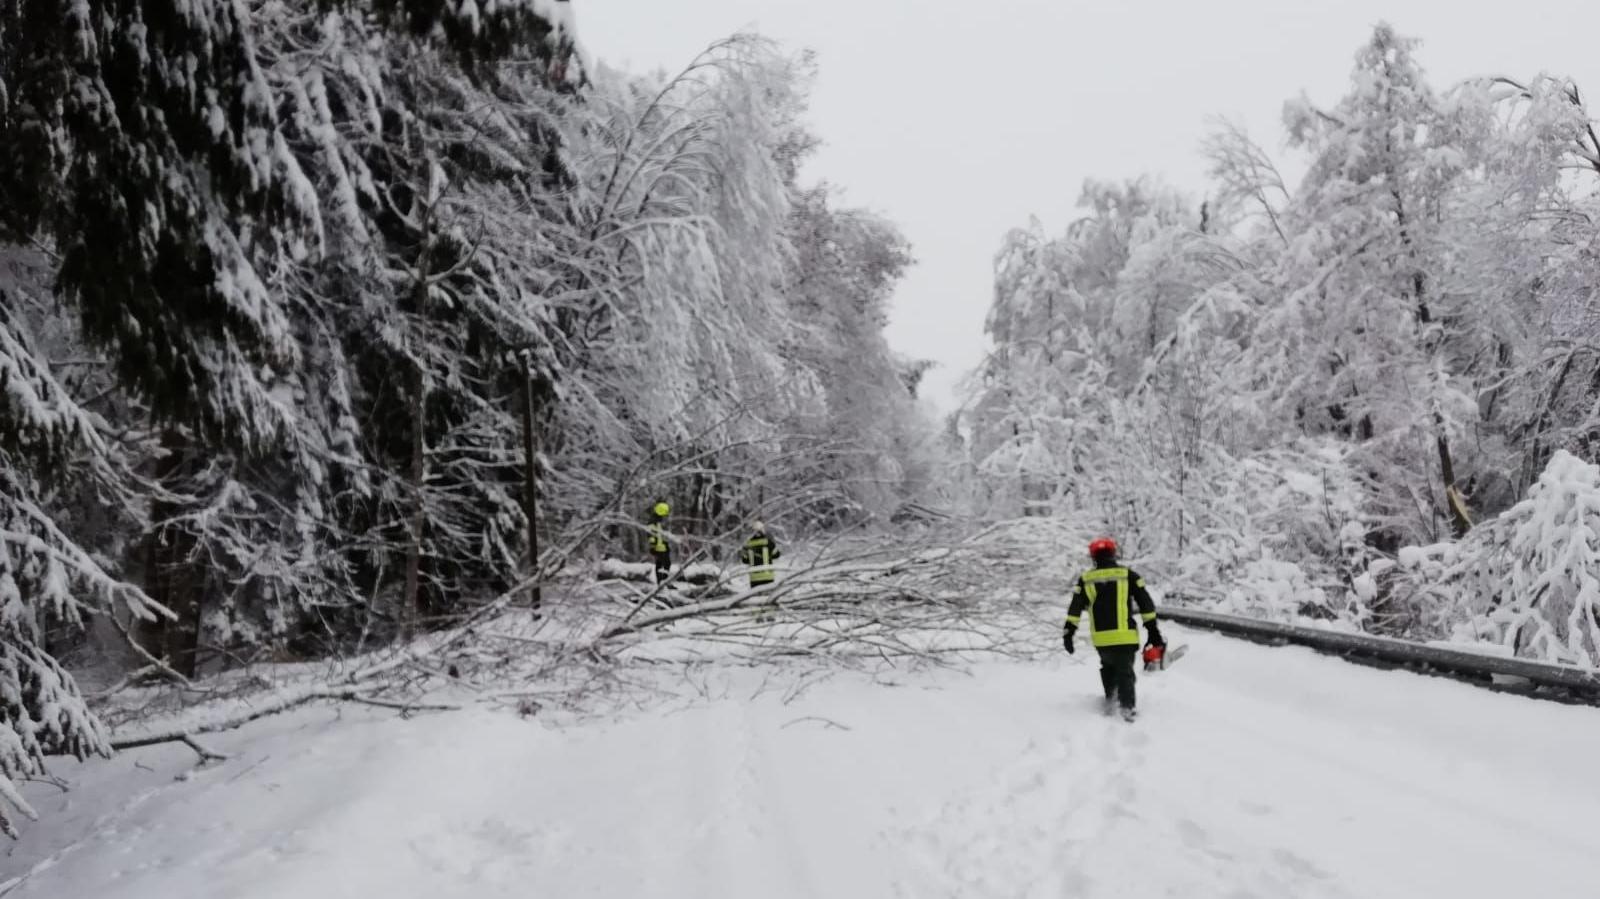 Um die Feuerwehren zu unterstützten, soll jetzt ein Hubschrauber den Schnee von den Bäumen wehen.